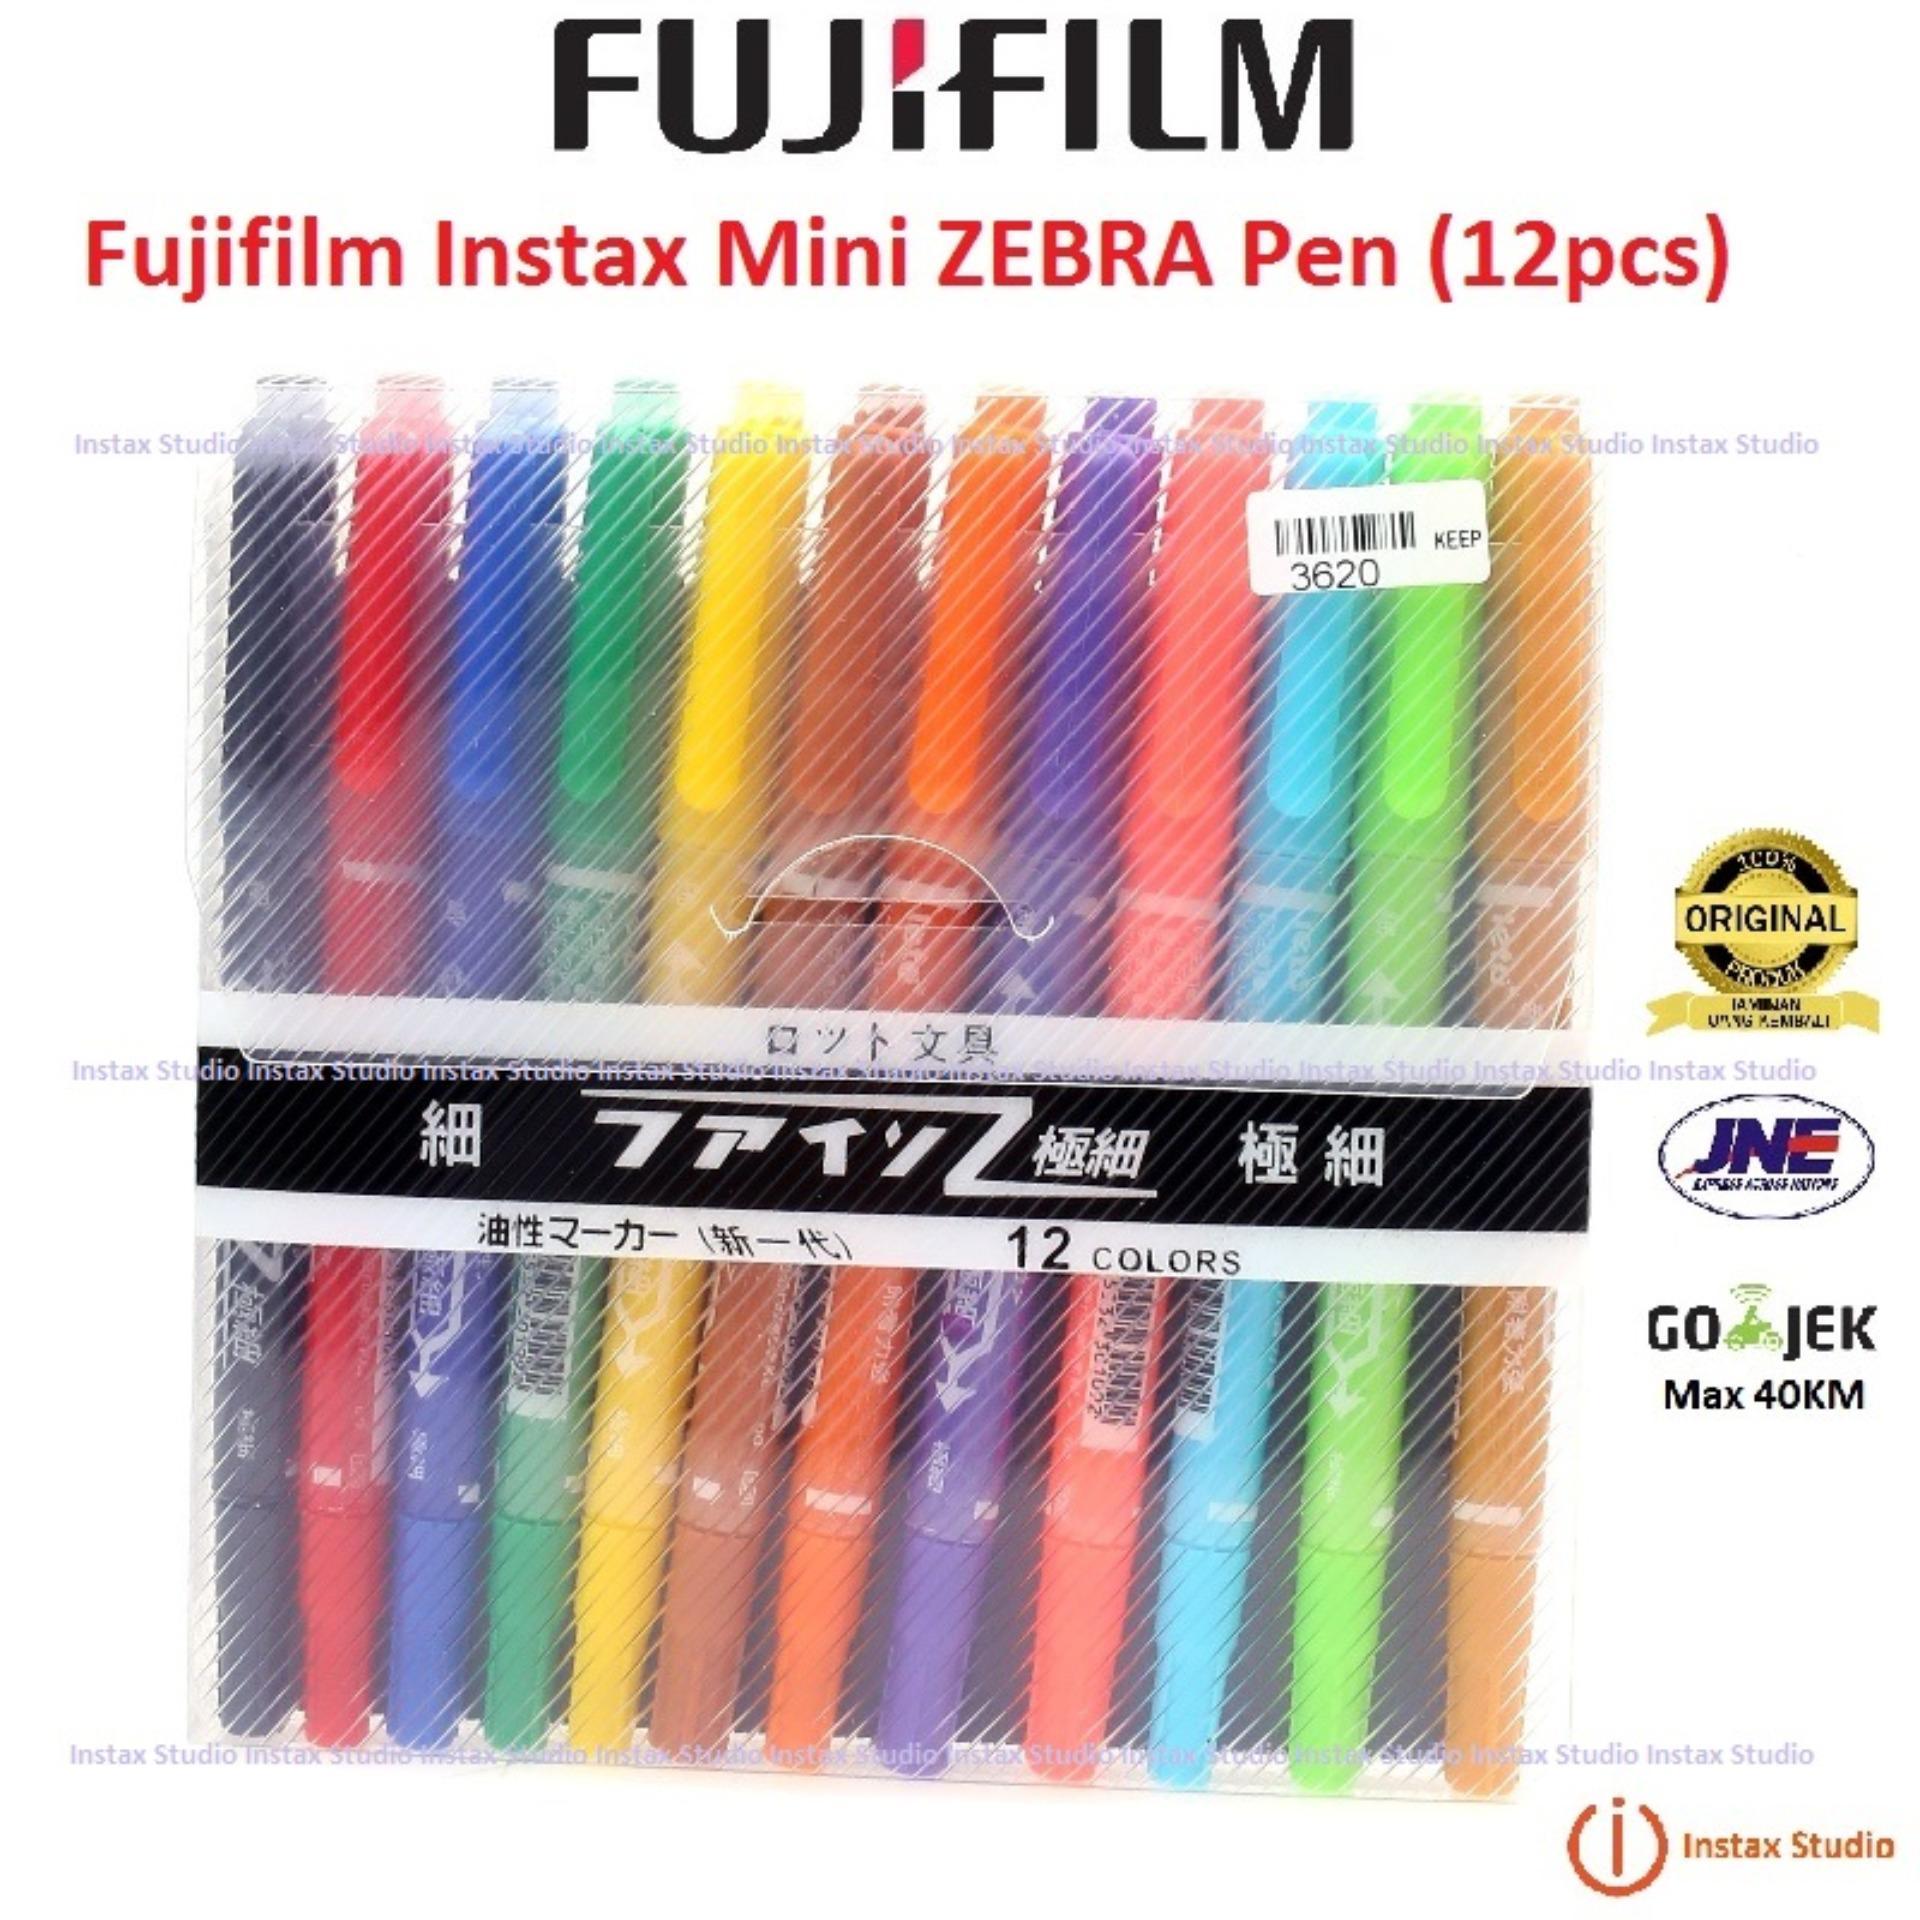 Harga Fujifilm Instax Mini Zebra Pen Kamera Polaroid Instax Pena Zebra Instax Lengkap